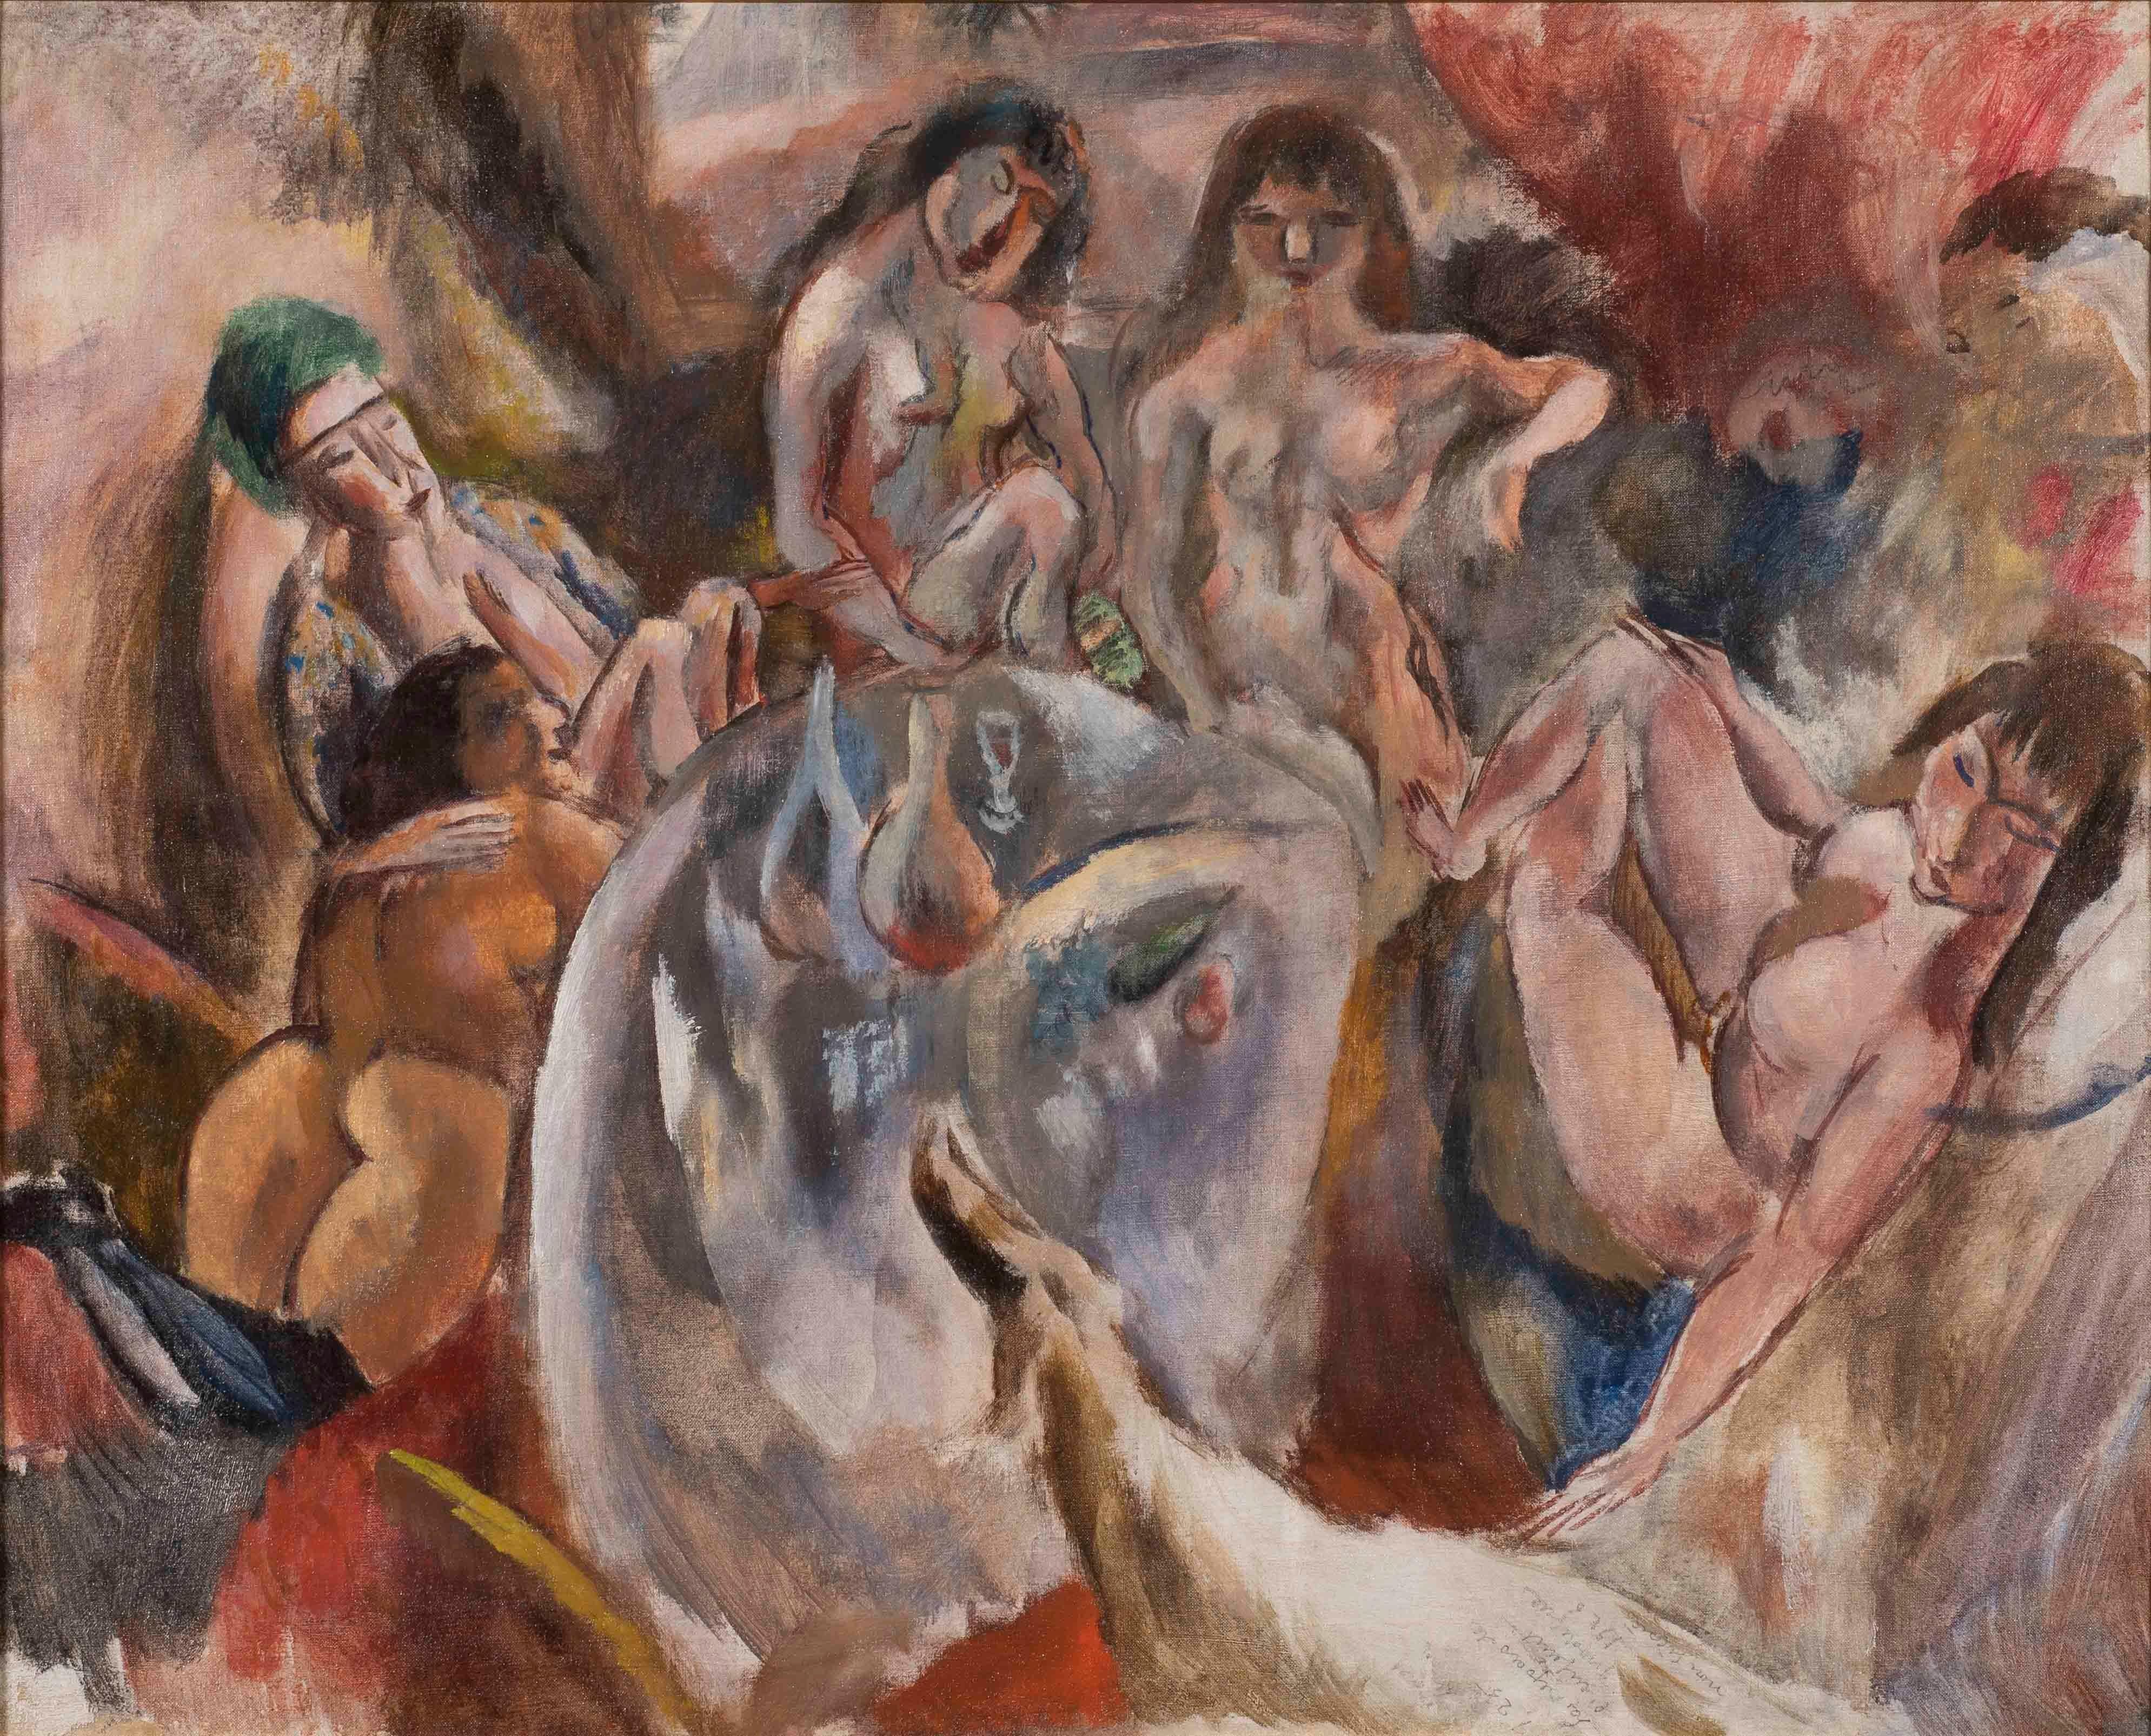 Jules Pascin - L'attente de l'enfant prodigue, nude, figures, painting, women